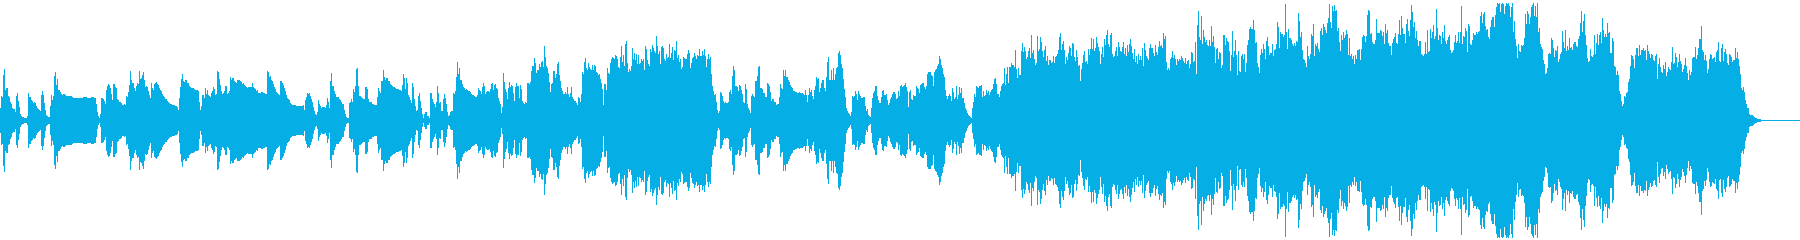 クラシックの曲ですの再生済みの波形